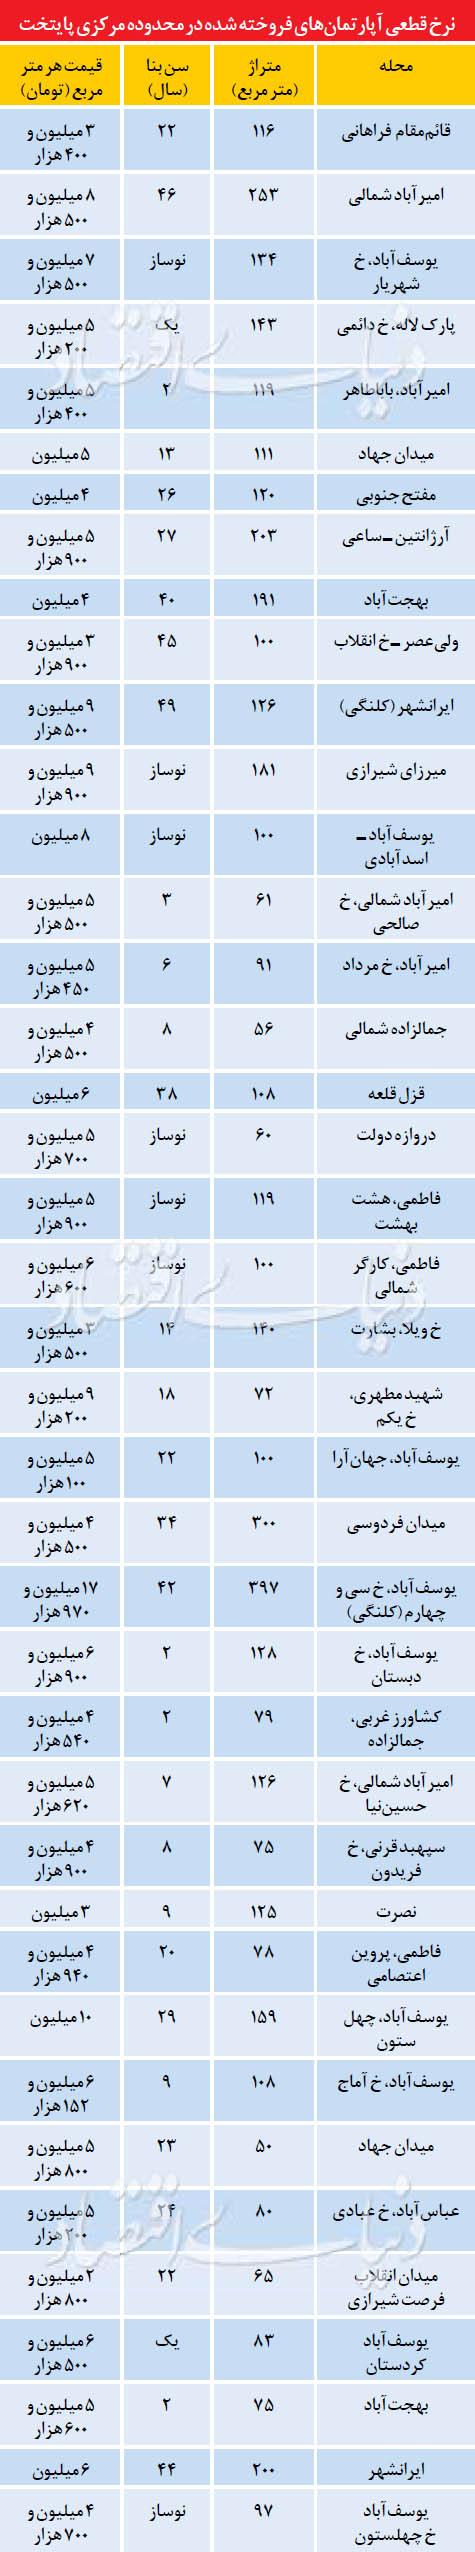 بازار مسکن در محدوده مرکزی تهران (جدول)